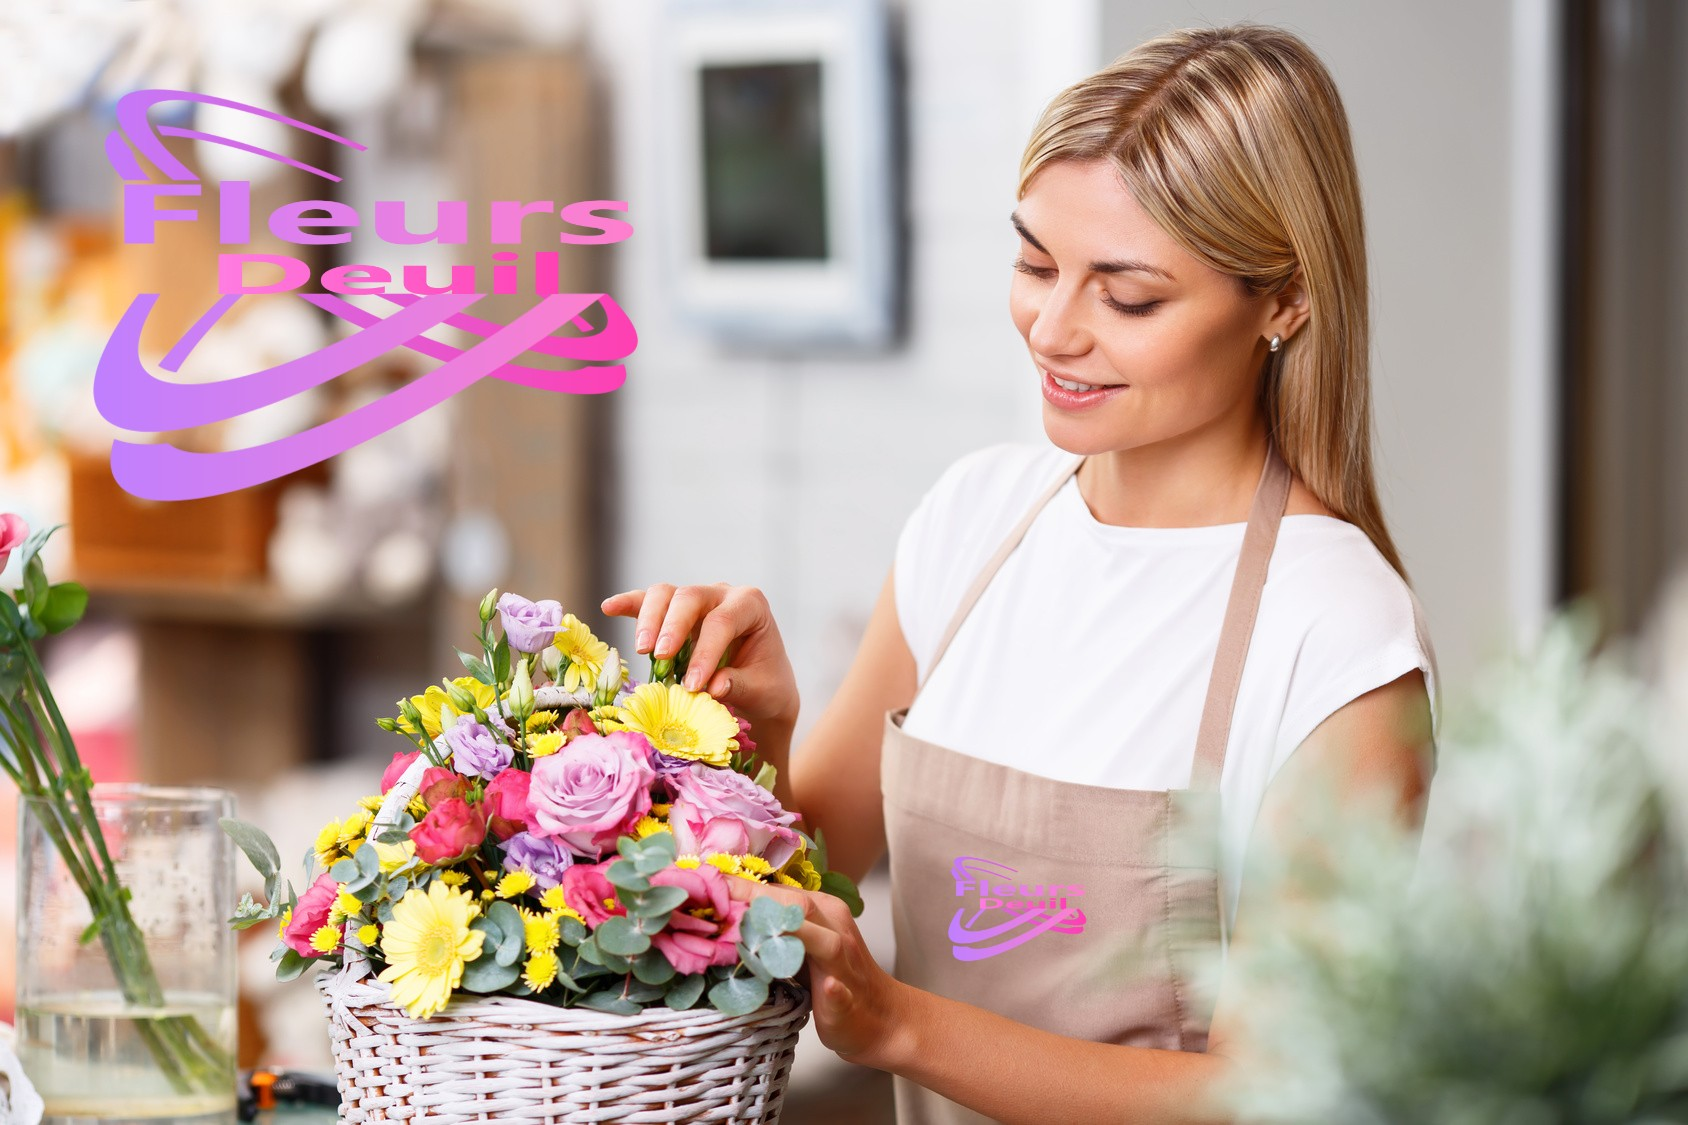 Fleurs livraison fleurs deuil for Livraison fleurs rennes